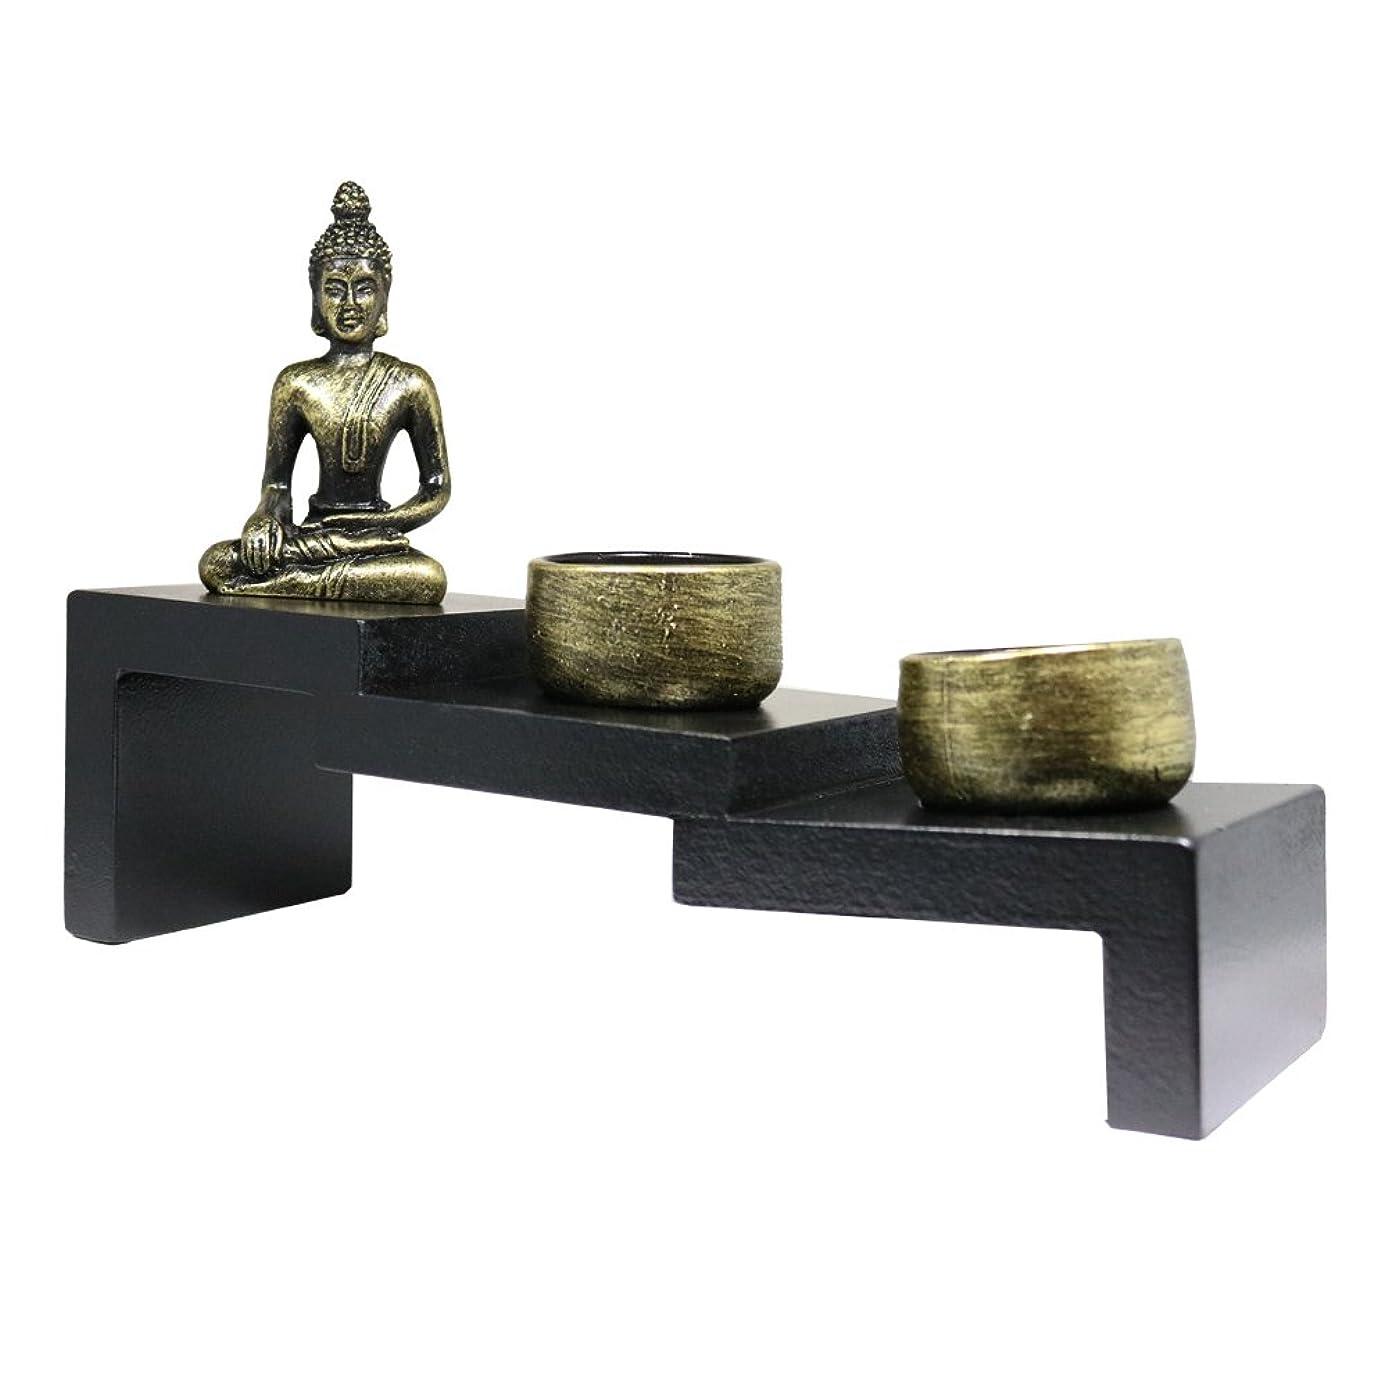 アルネゴミ箱蚊(Buddha Stairs) - Tabletop Incense Burner Gifts & Decor Zen Garden Kit with Statue Candle Holder USA SELLER (Buddha Stairs G16285)